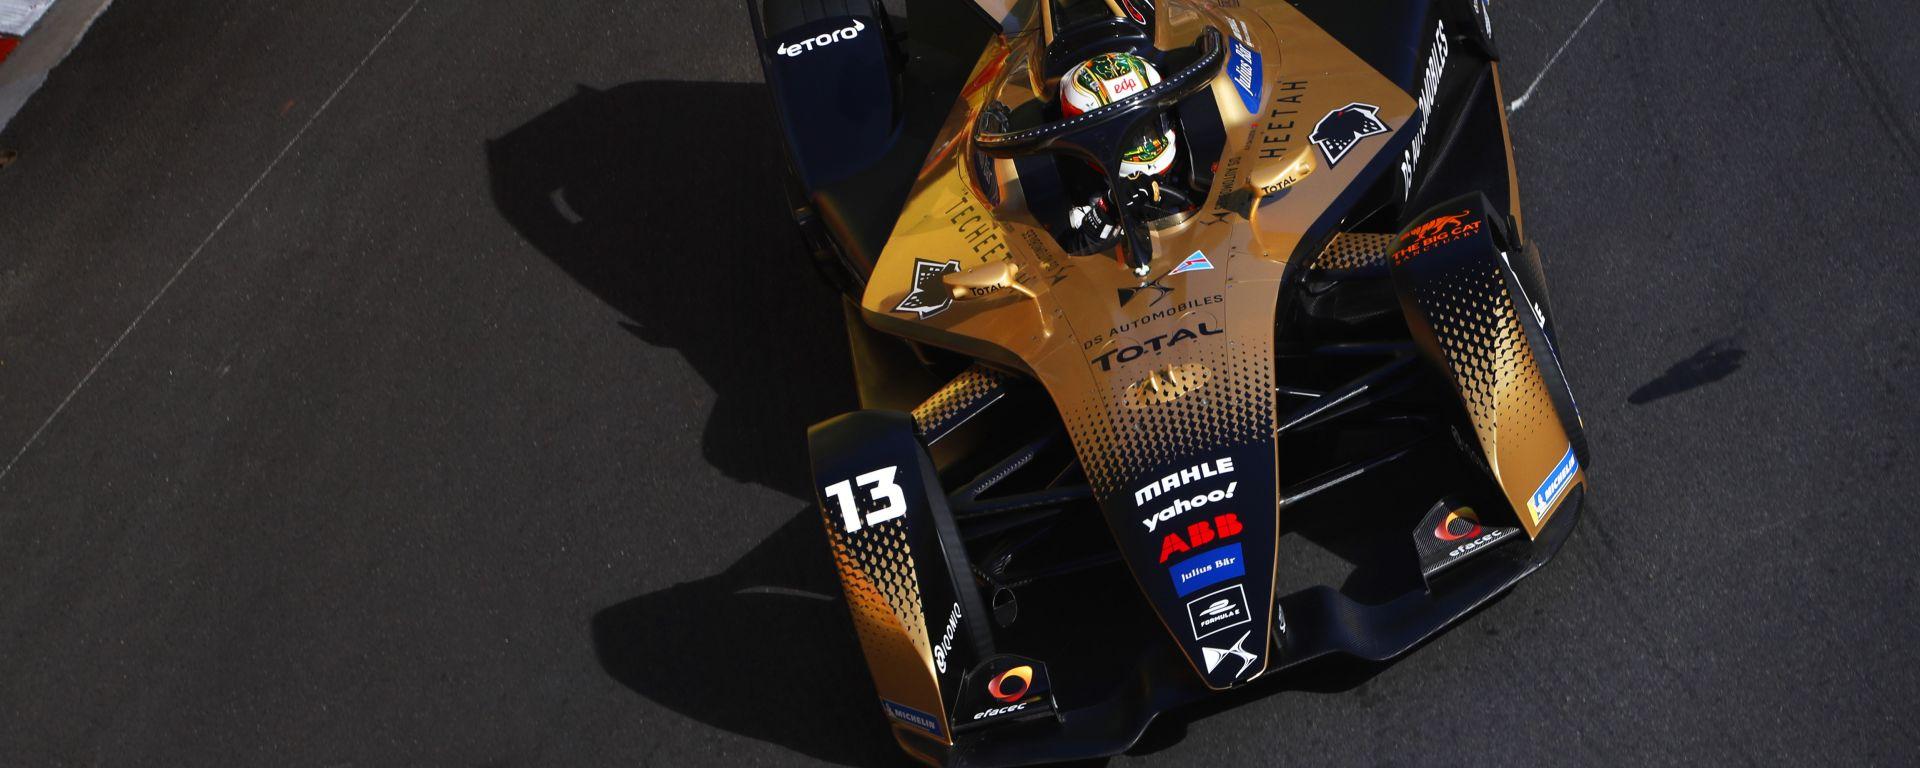 ePrix Monaco 2021, Antonio Felix Da Costa (DS Techeetah)